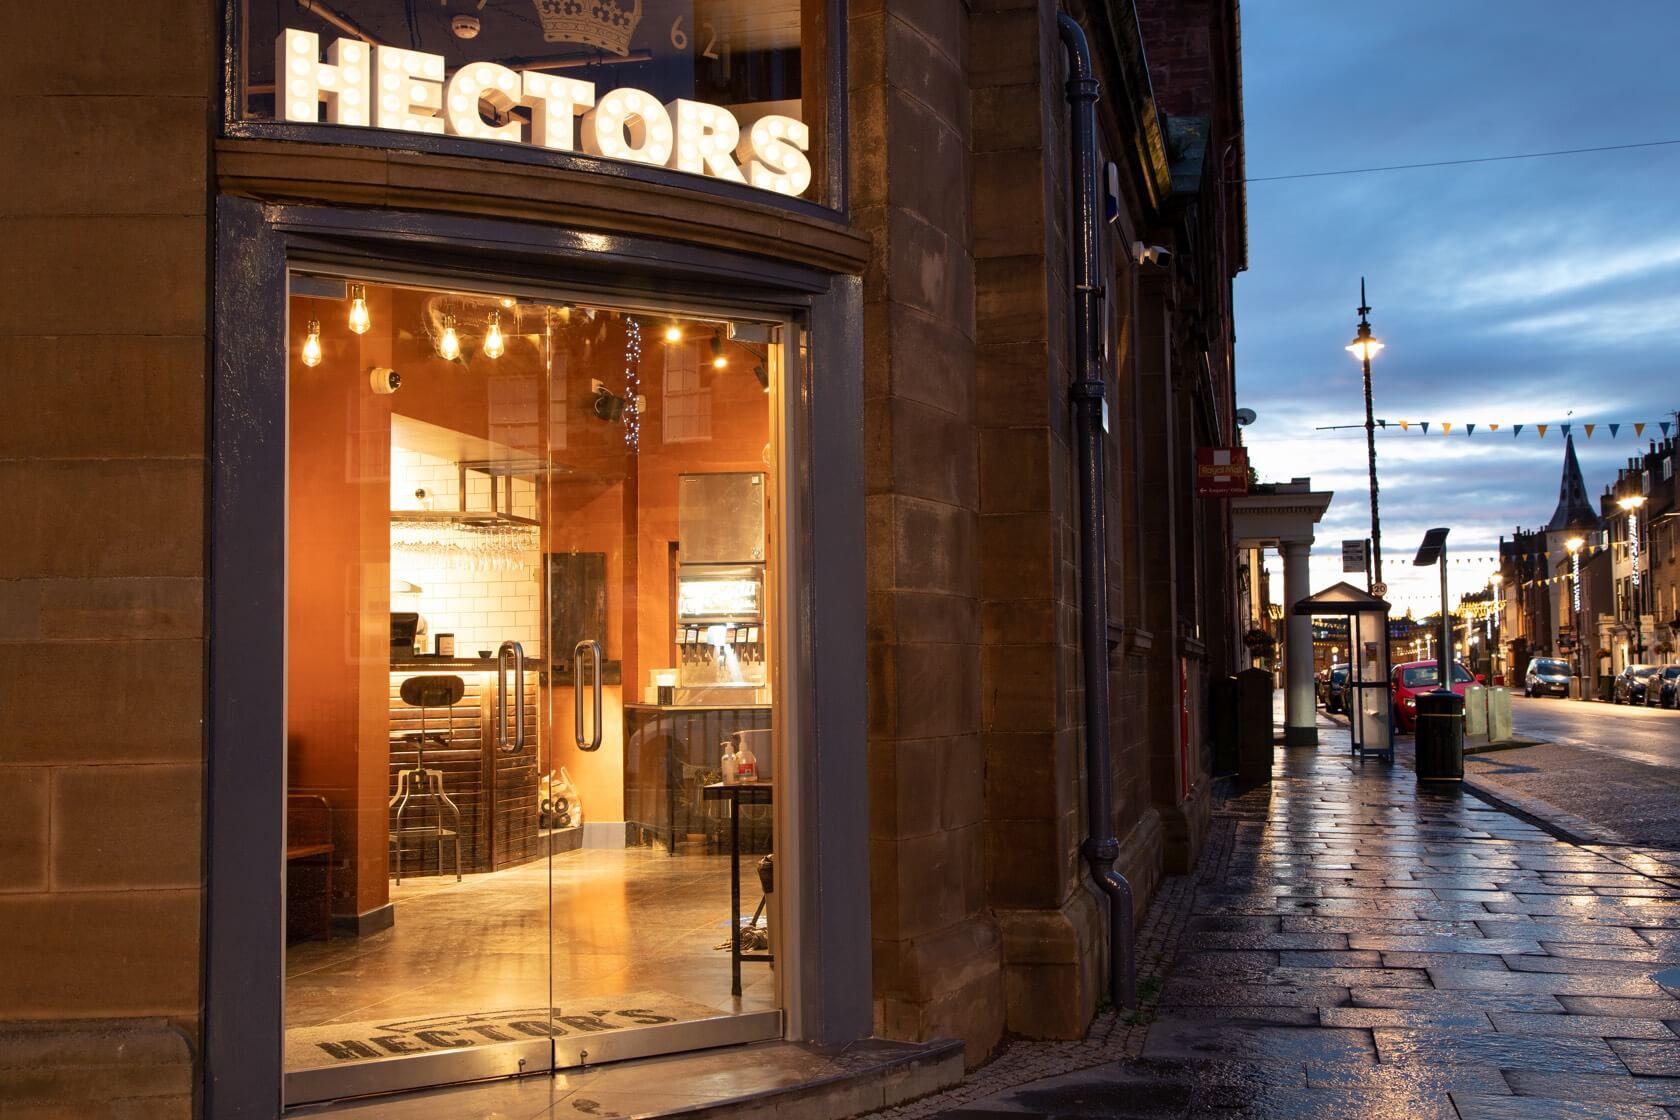 Hector's Artisan Pizza, Dunbar 02 - C&G Development